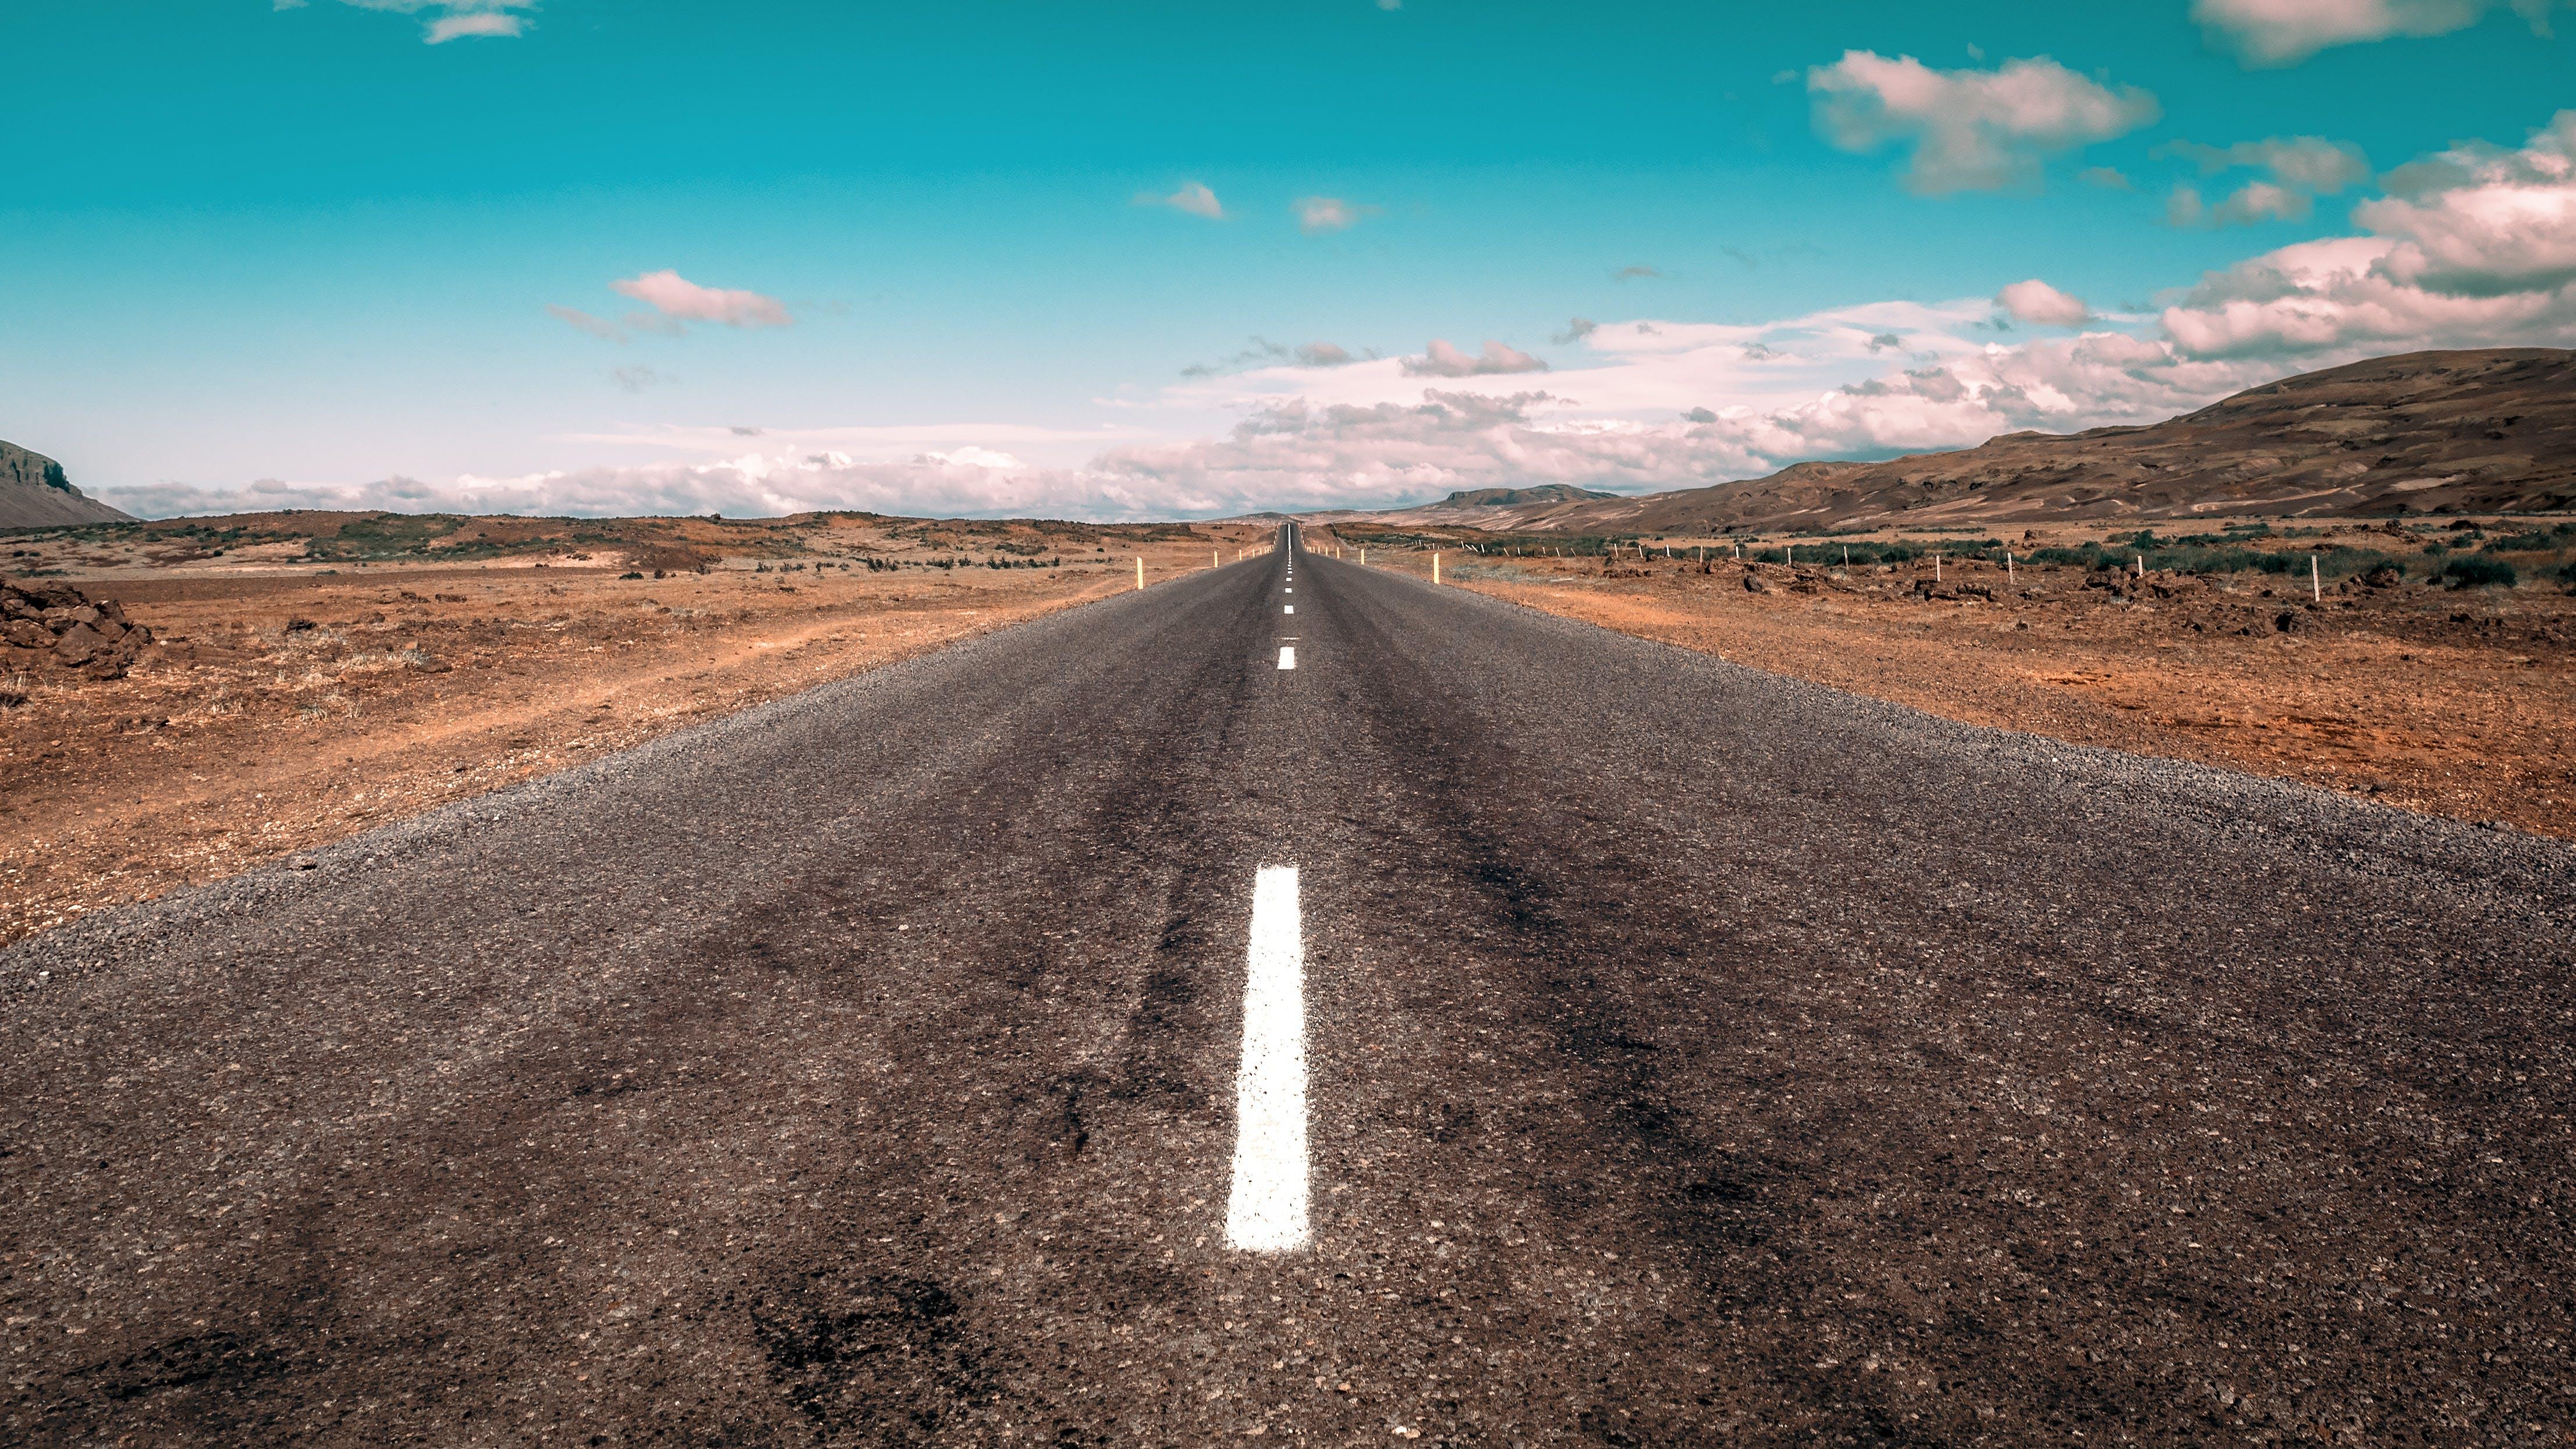 Kostnadsfri bild av asfalt, bergen, dagtid, distans